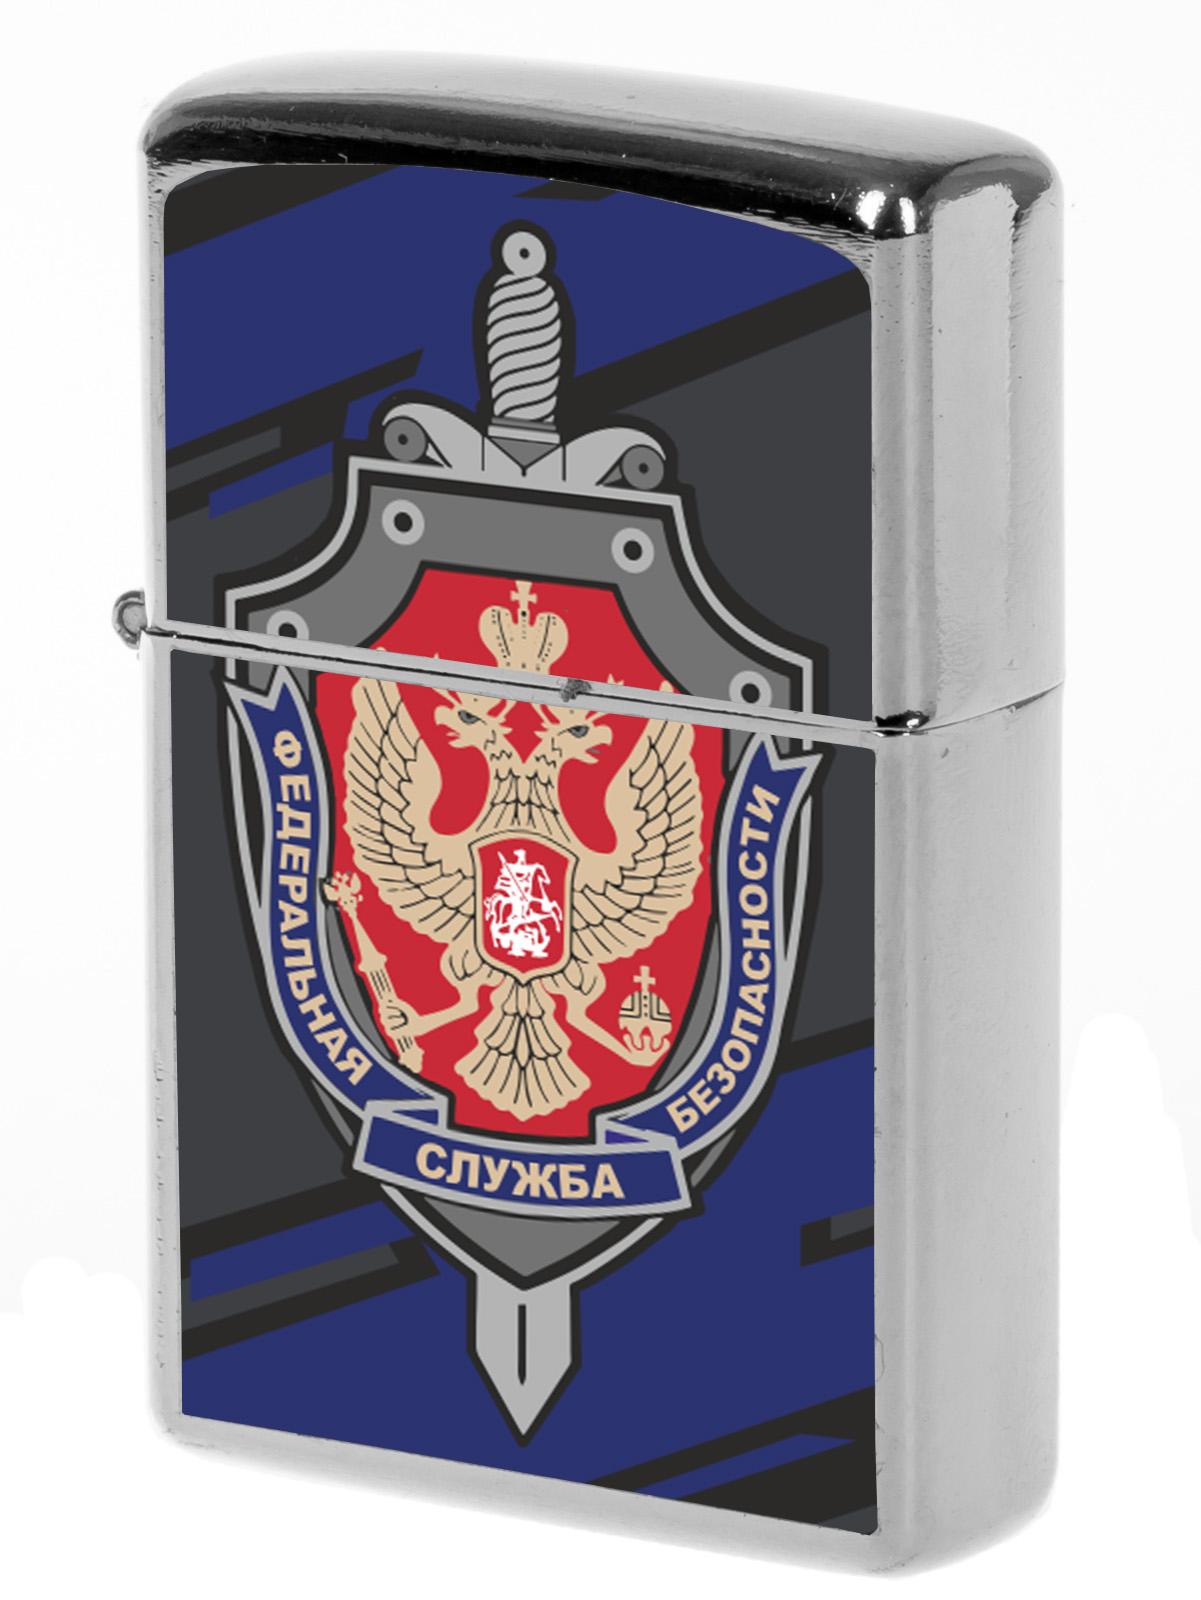 Оригинальная зажигалка ФСБ бензиновая купить выгодно